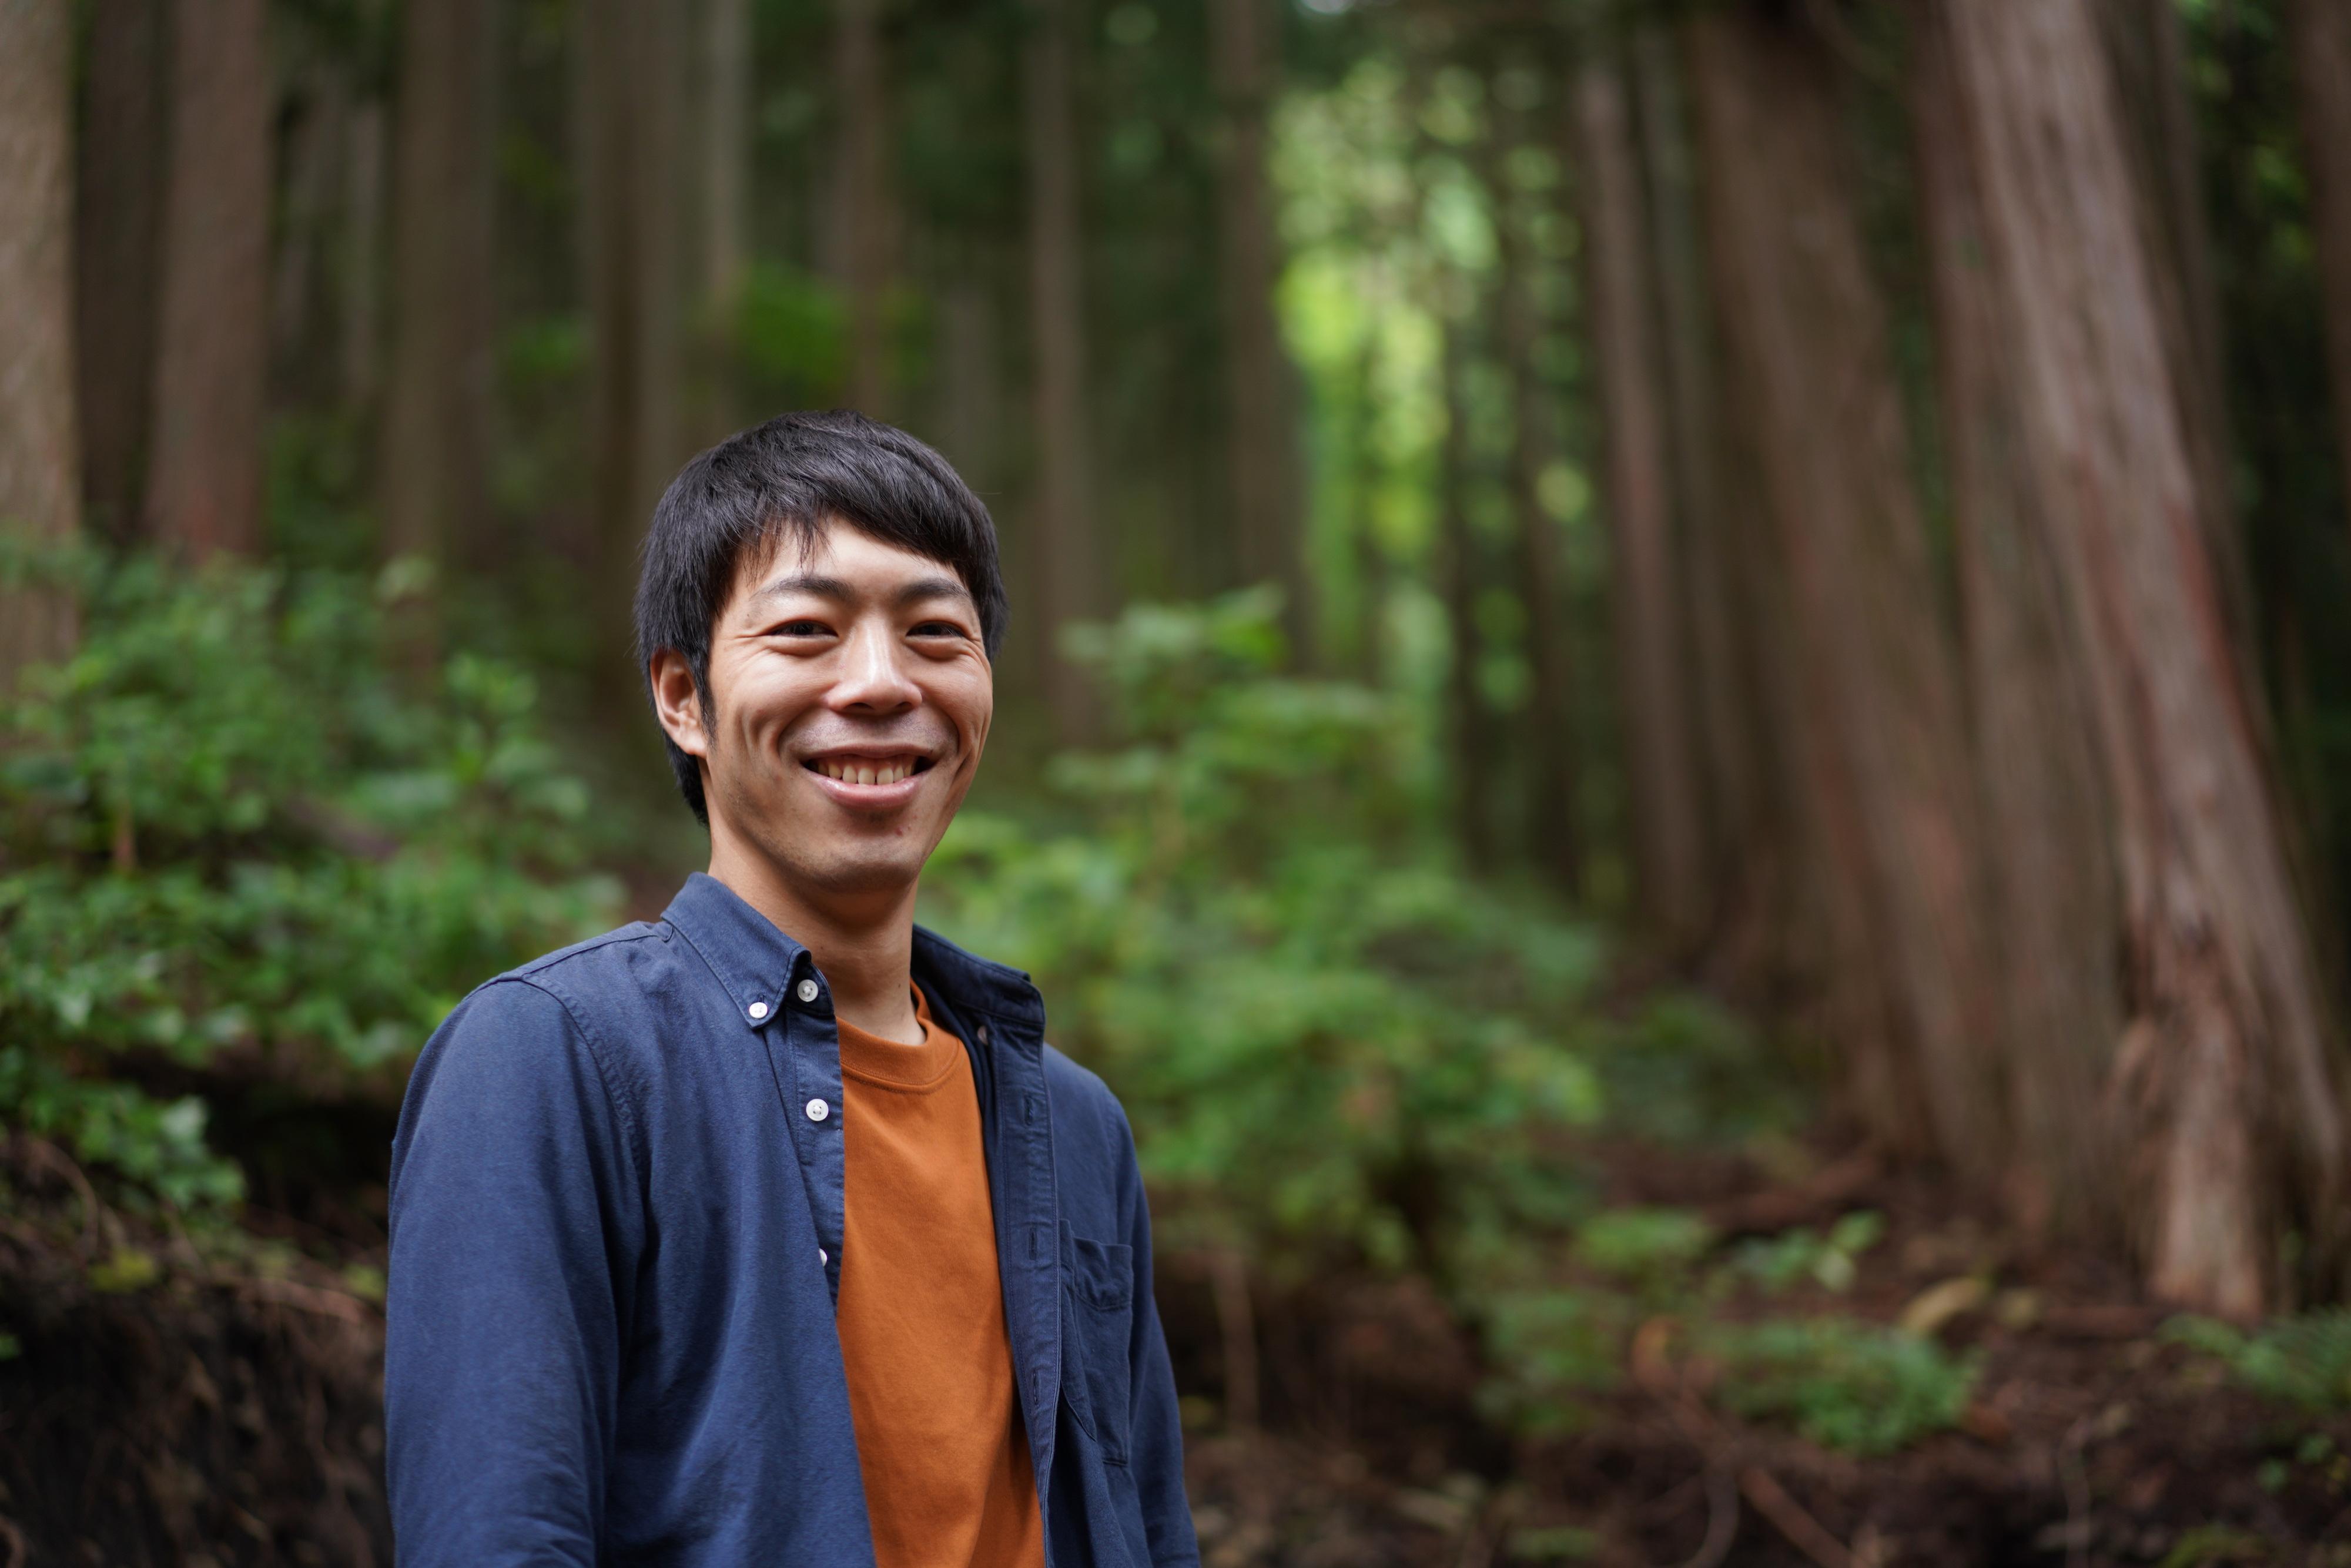 31歳で、大学での先端研究から飛騨の山仕事の道へ。エネルギー源を追い求め、次なる挑戦は木質バイオマス発電所づくり